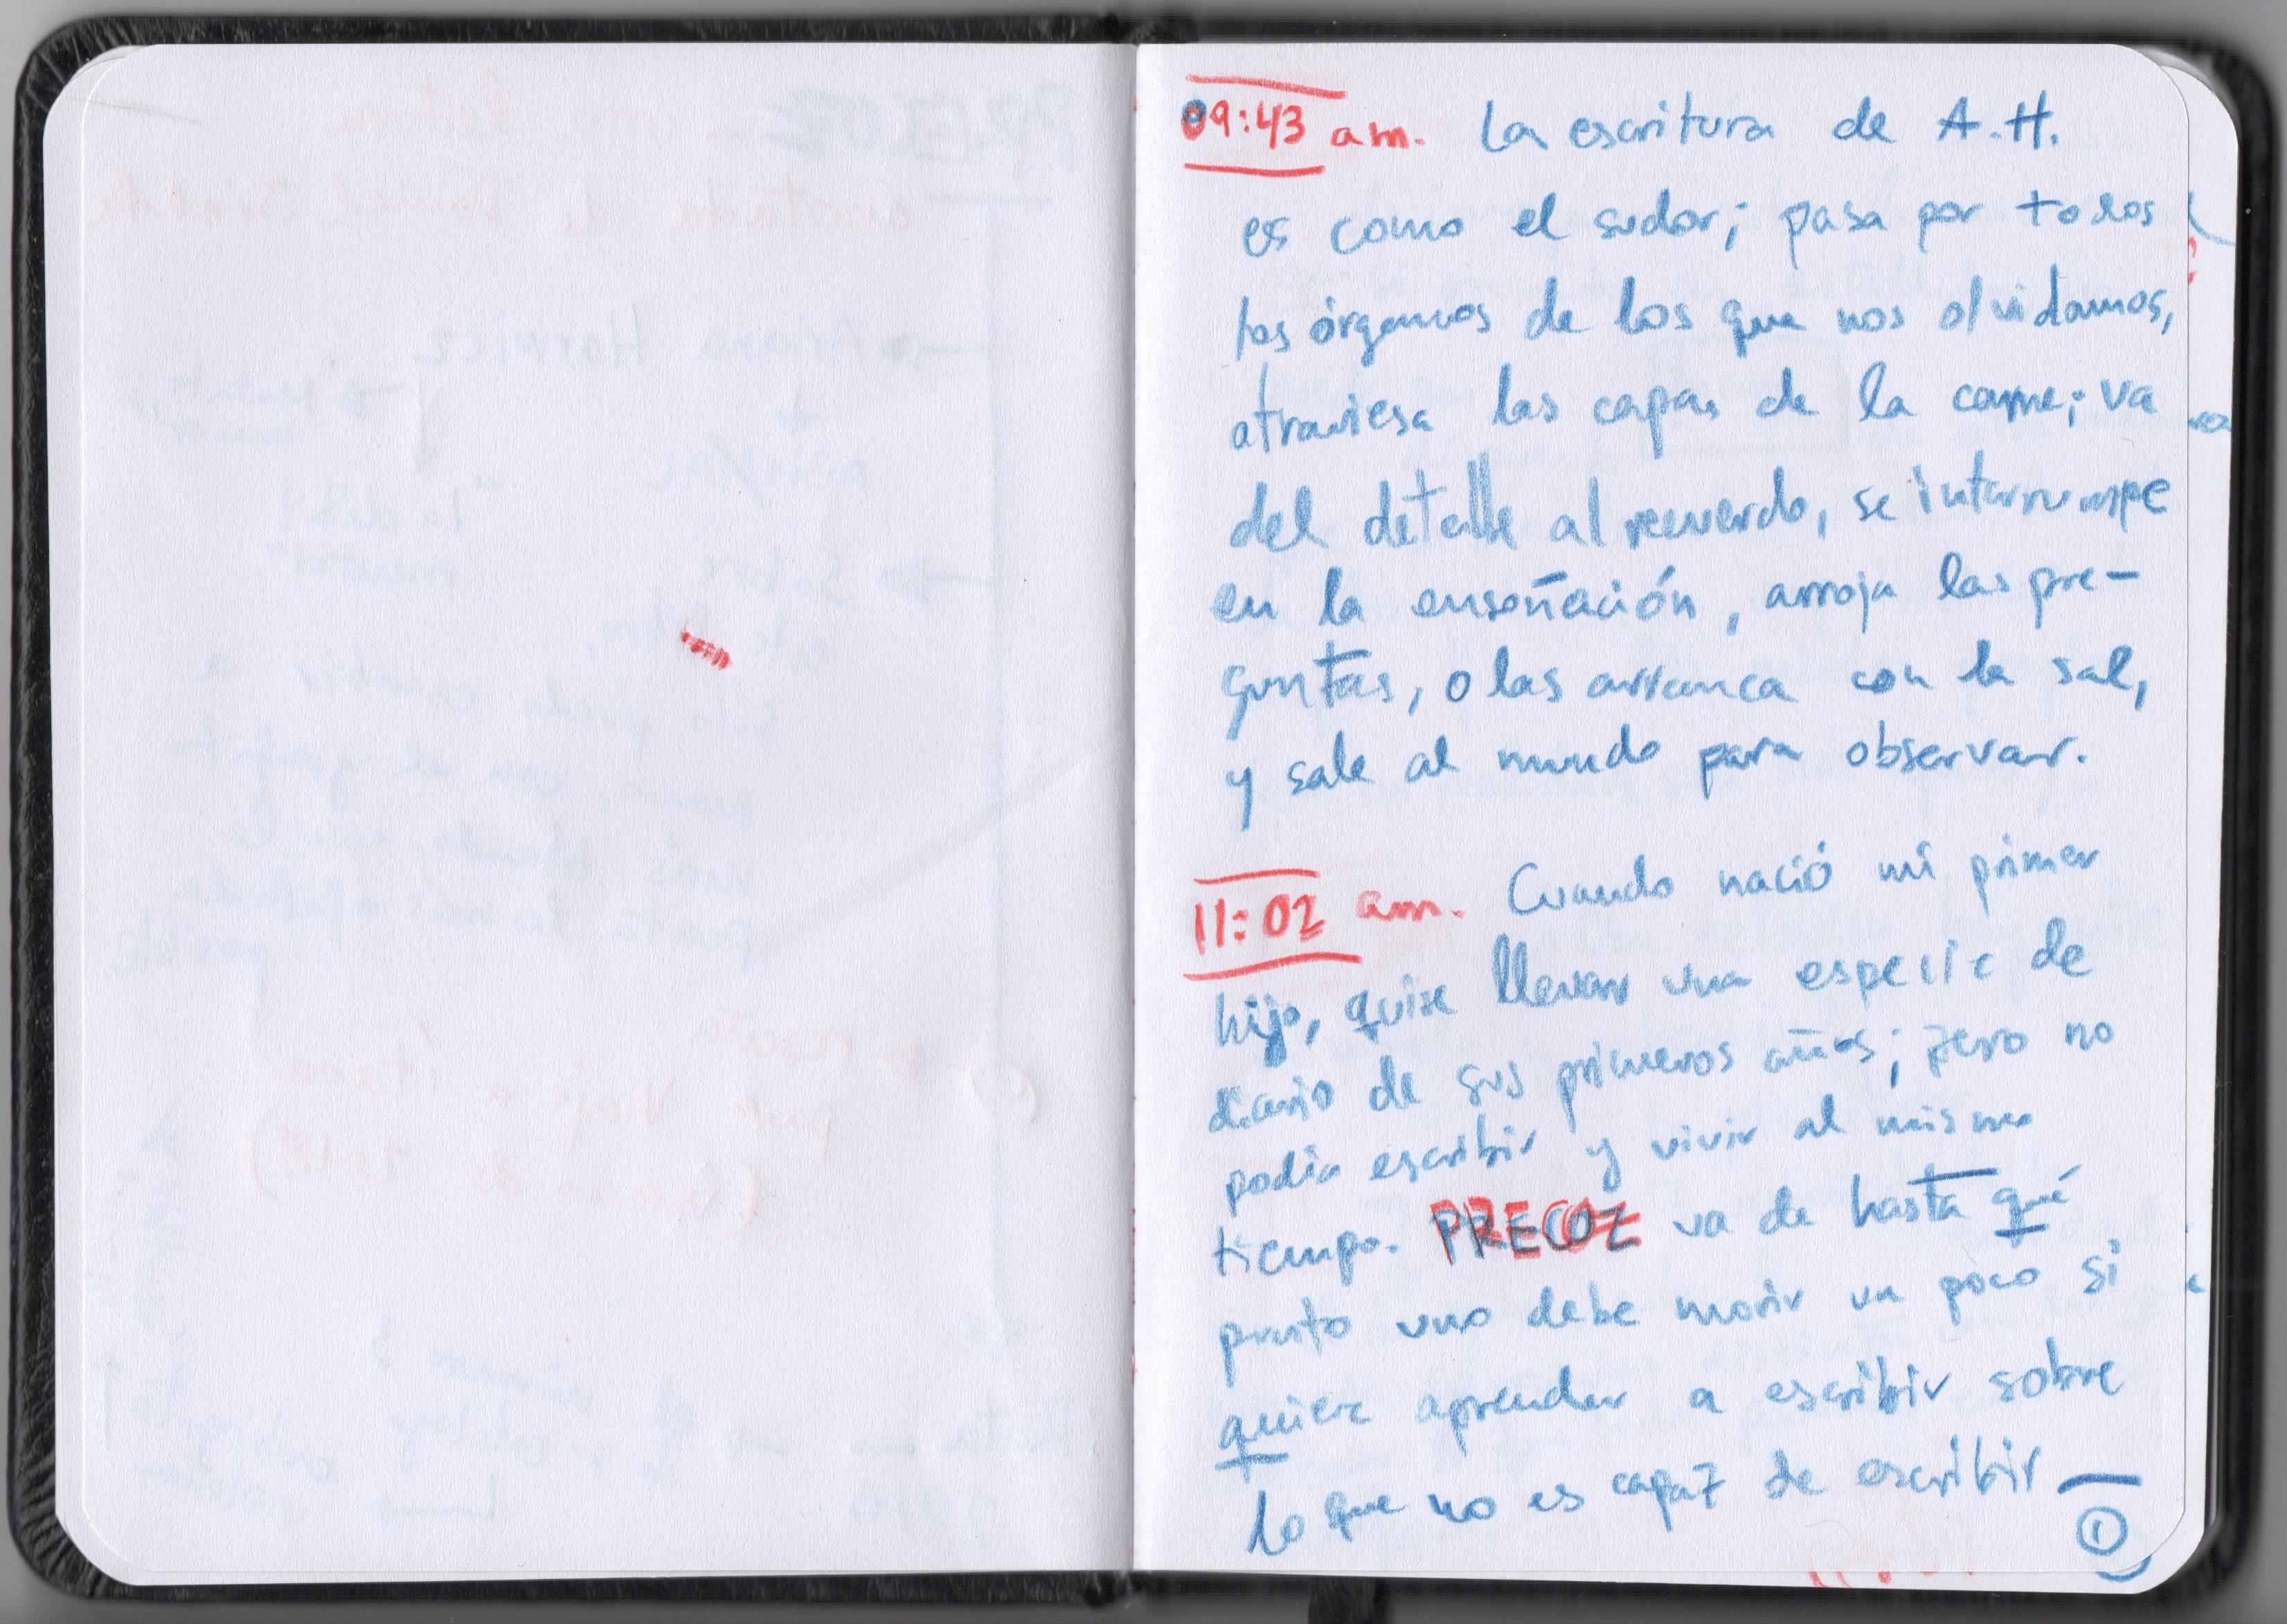 Reseña Precoz 2 - Viaje a Ítaca